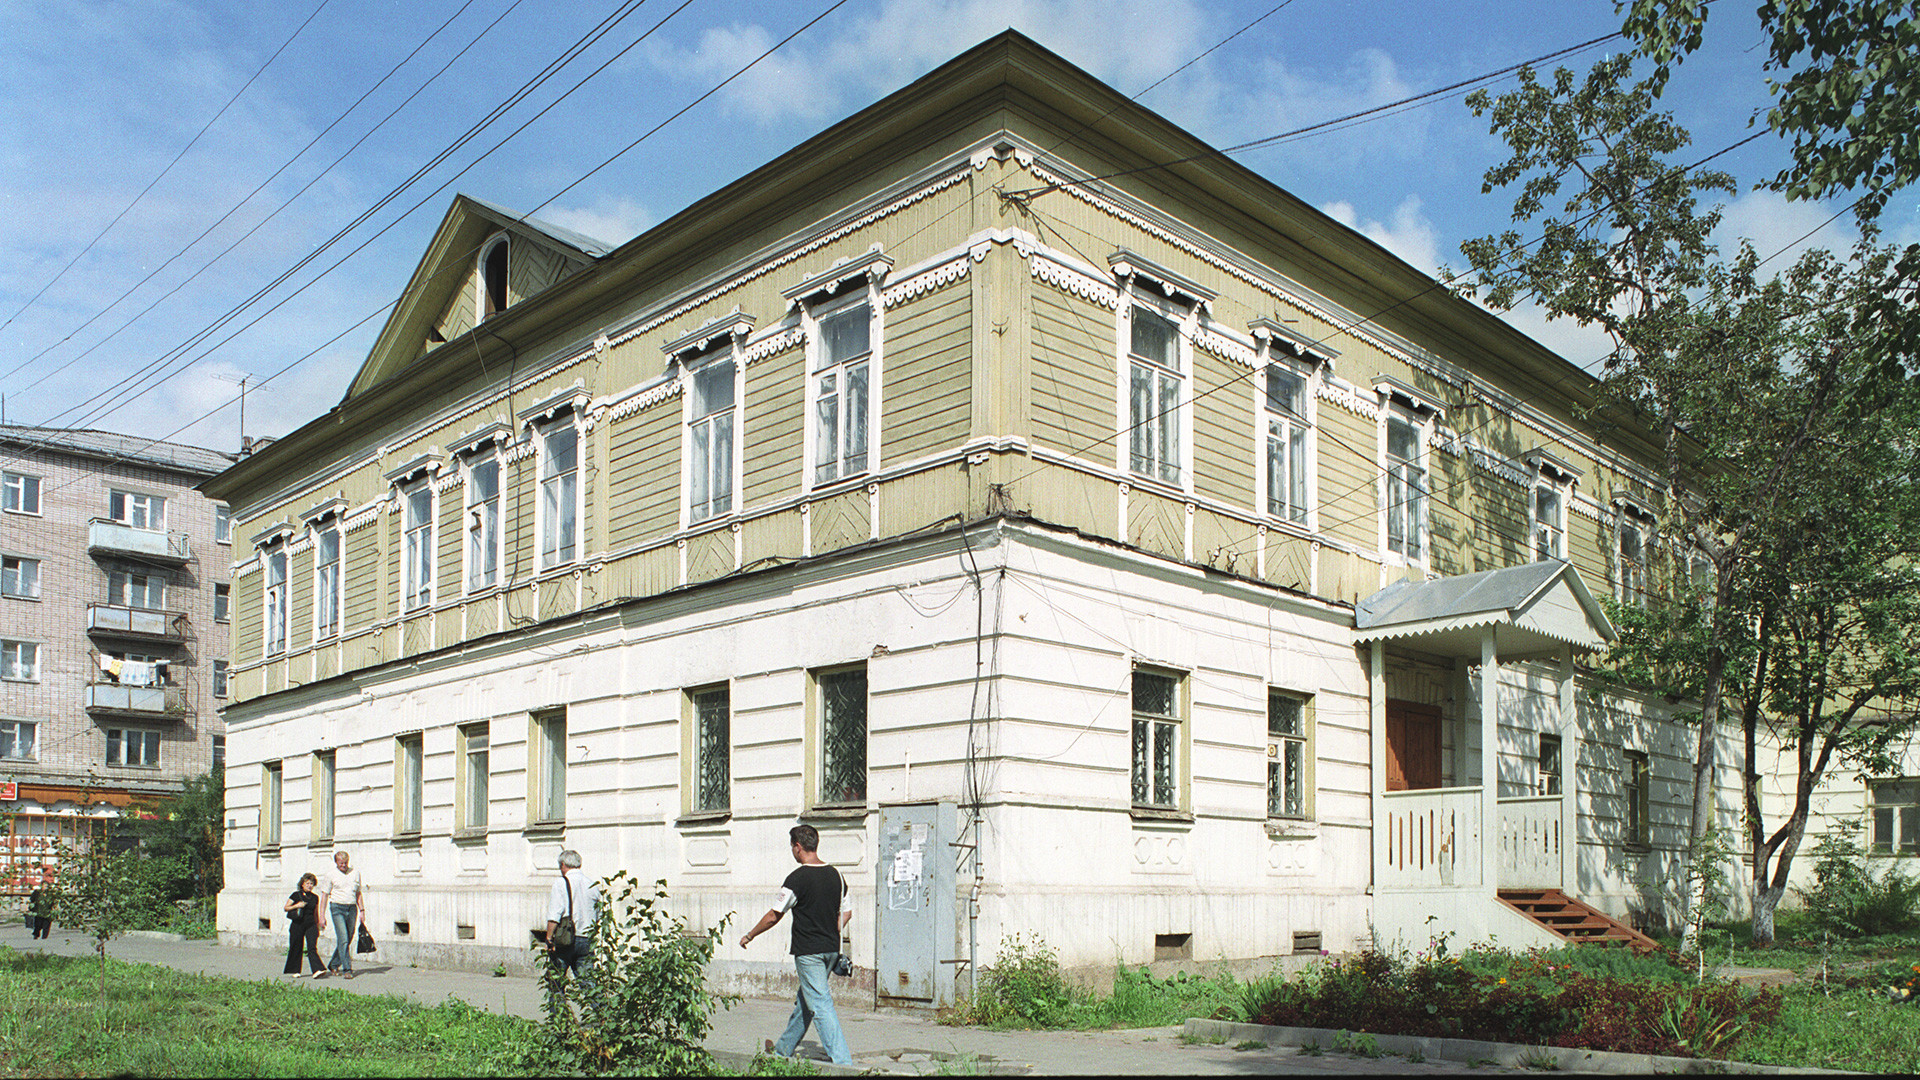 Maison du marchand Nikolaï Veretennikov (construite en 1894). Le 28 août 2006